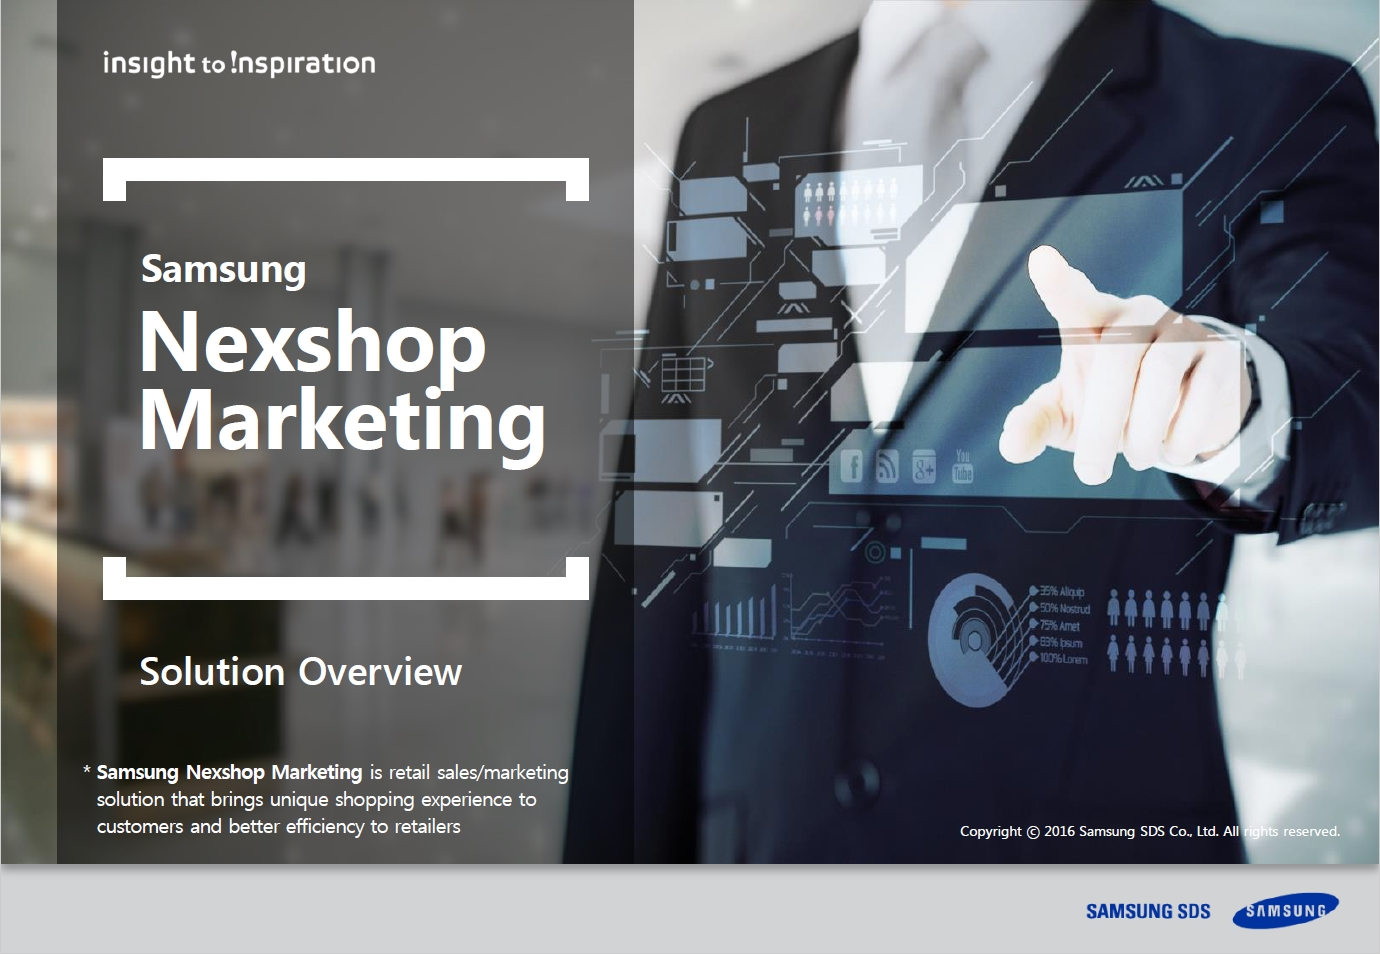 挖掘数字互动营销的未来